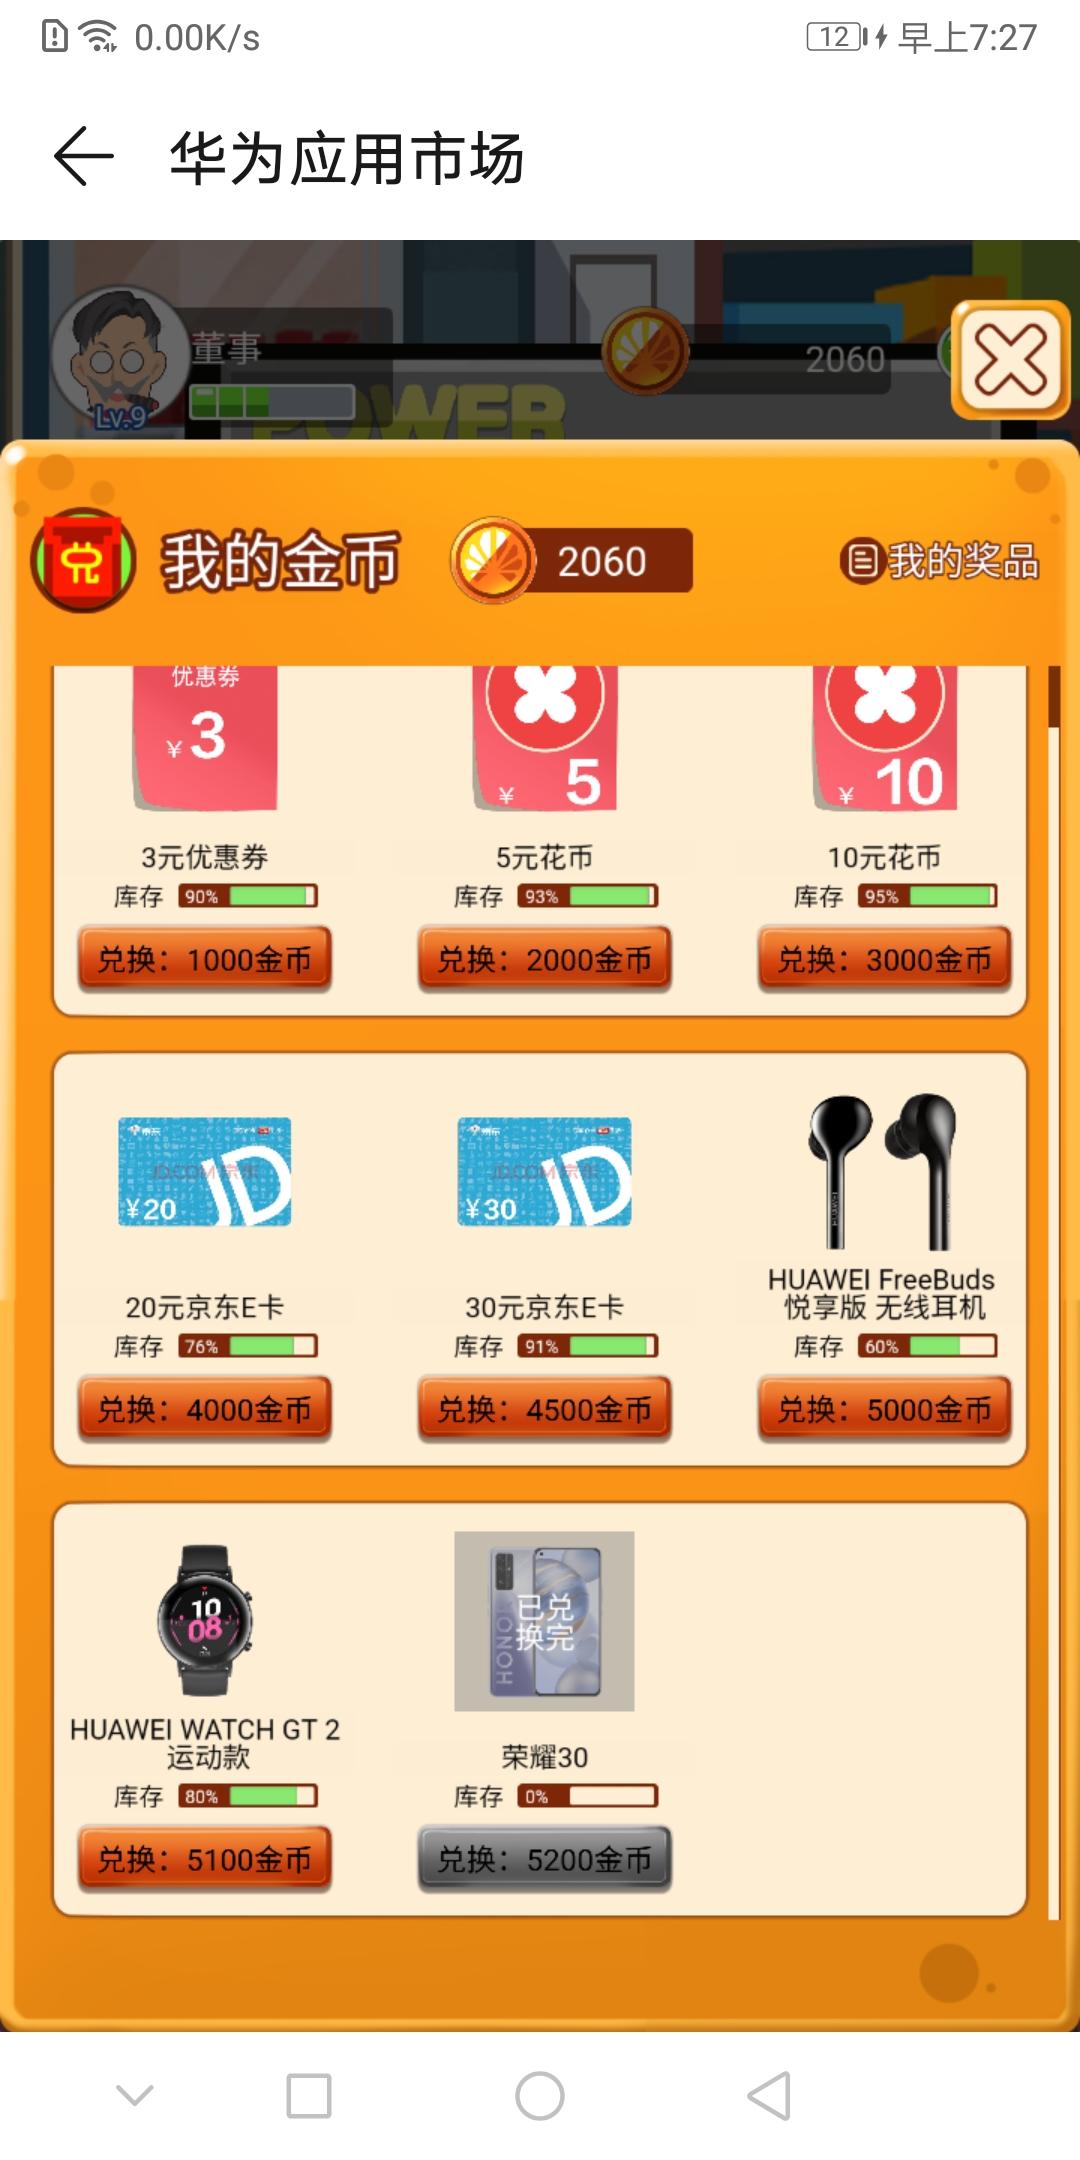 Screenshot_20200516_072726_com.huawei.appmarket.jpg